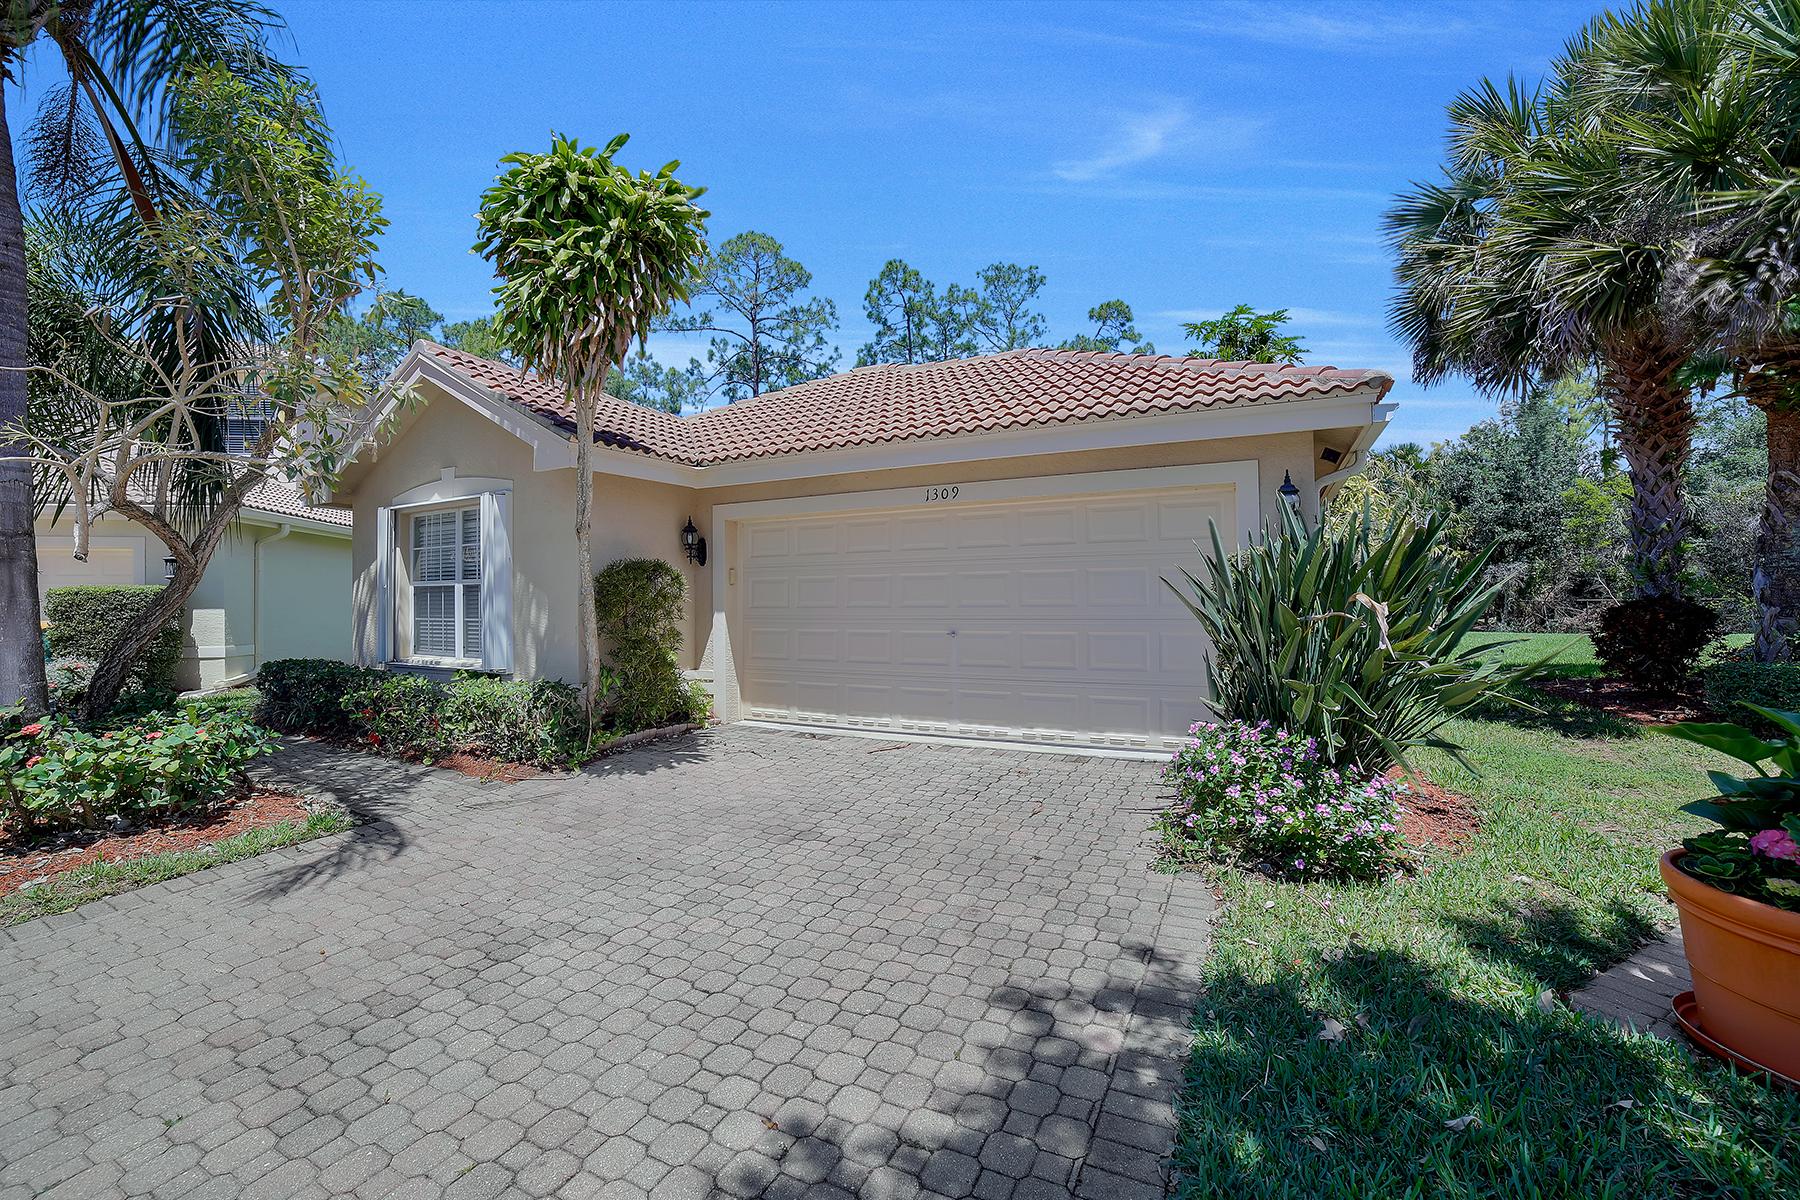 단독 가정 주택 용 매매 에 SATURNIA LAKES 1309 Triandra Ln Naples, 플로리다, 34119 미국